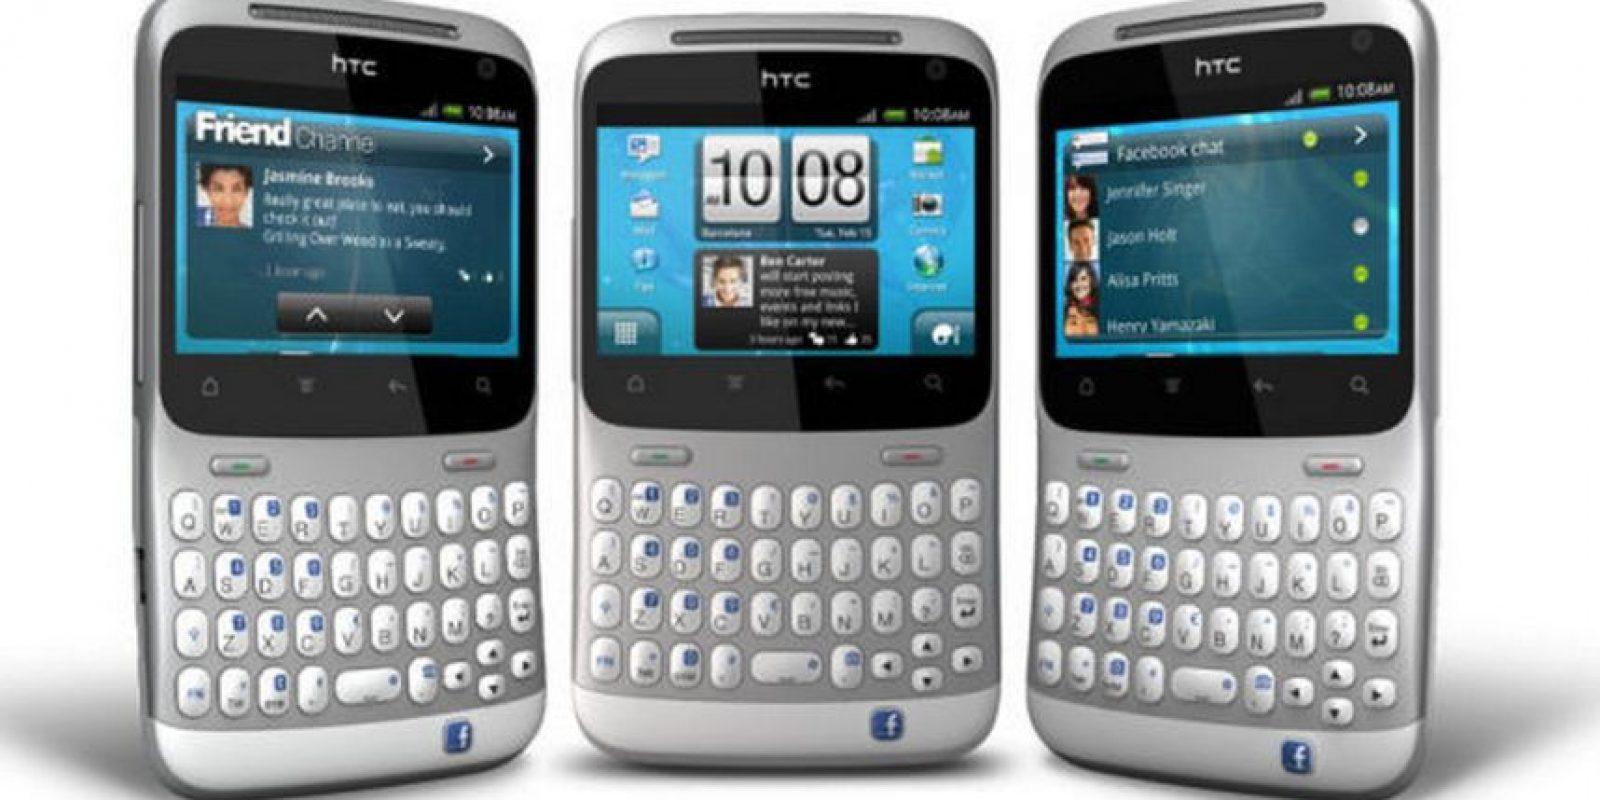 HTC lazó un móvil en conjunto con Facebook con un botón especial para la red social. La idea y concepto nisiquiera son recordados por los usuarios Foto:HTC